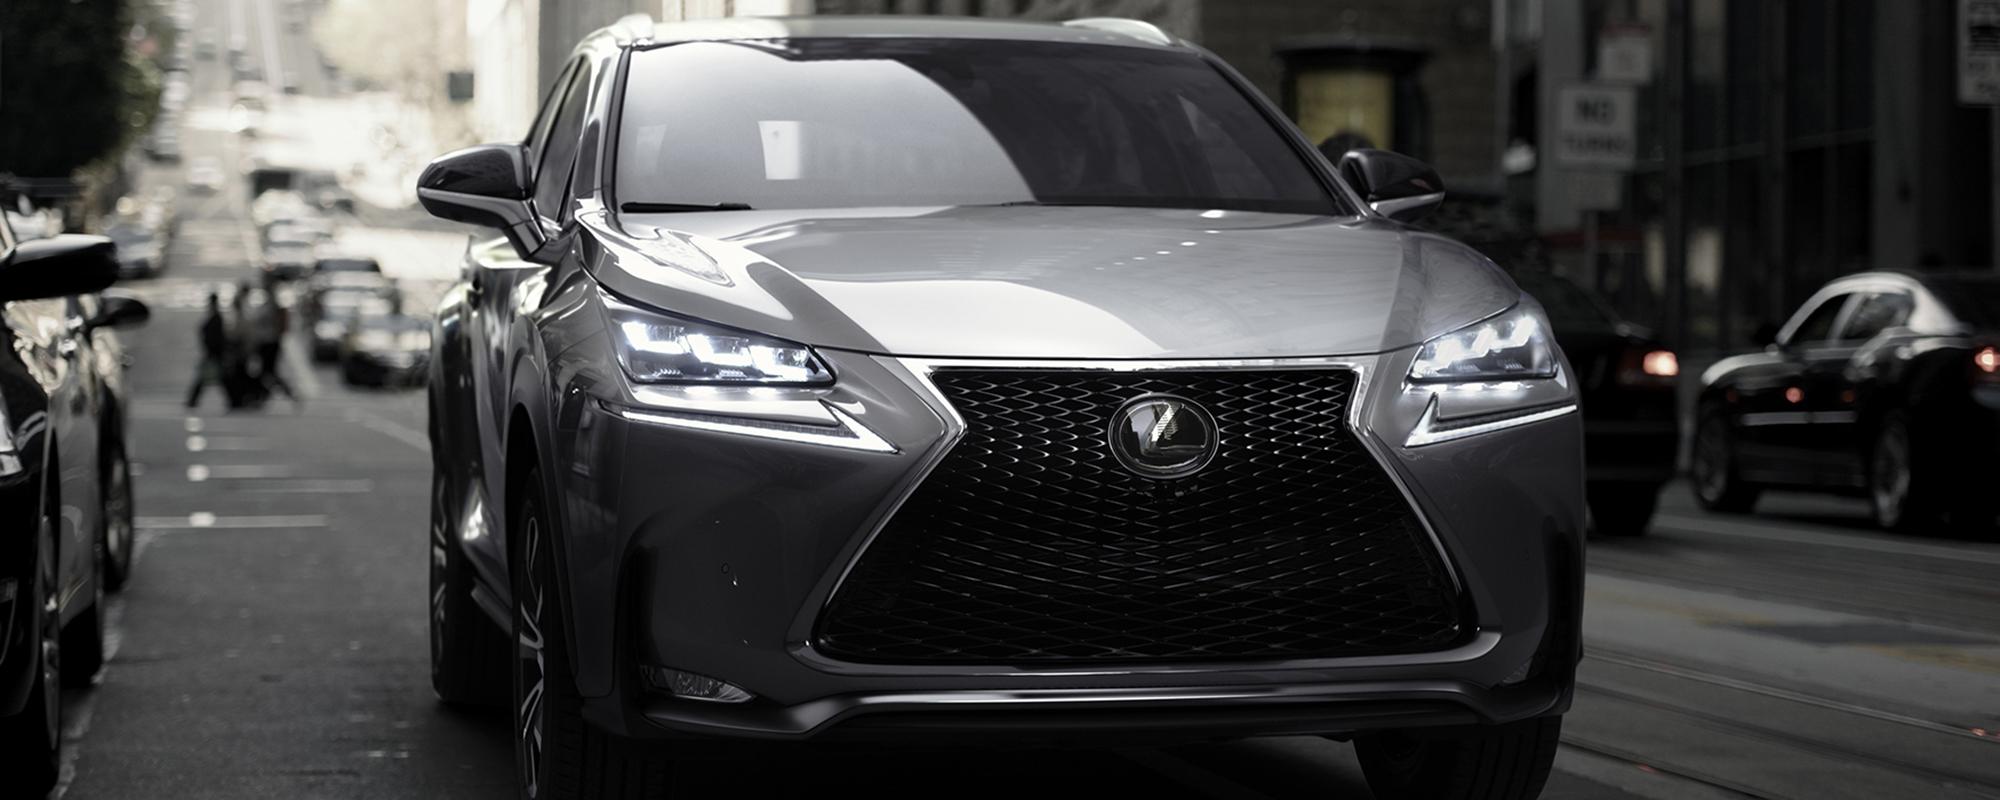 Lexus maakt prijzen bekend van krachtig vormgegeven NX 300h